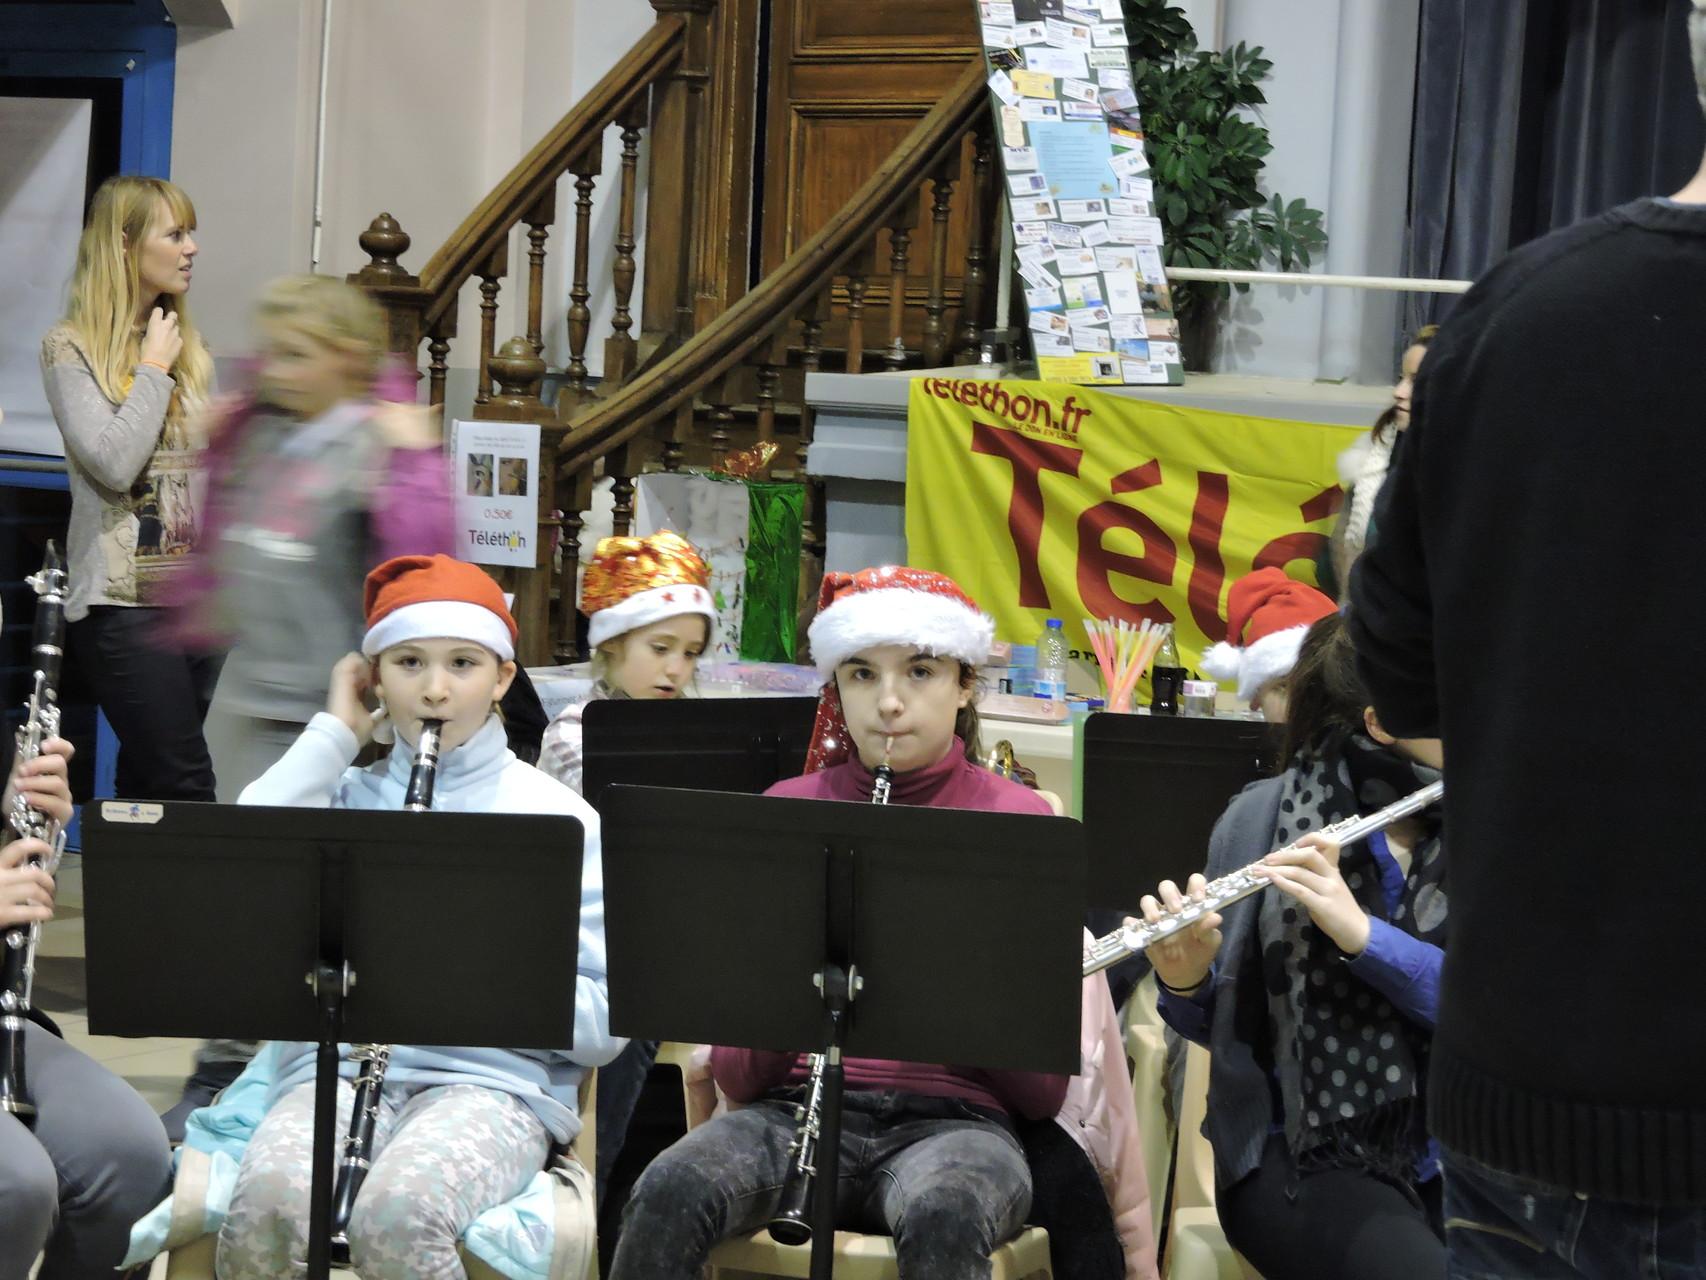 la concentration des jeunes musiciens